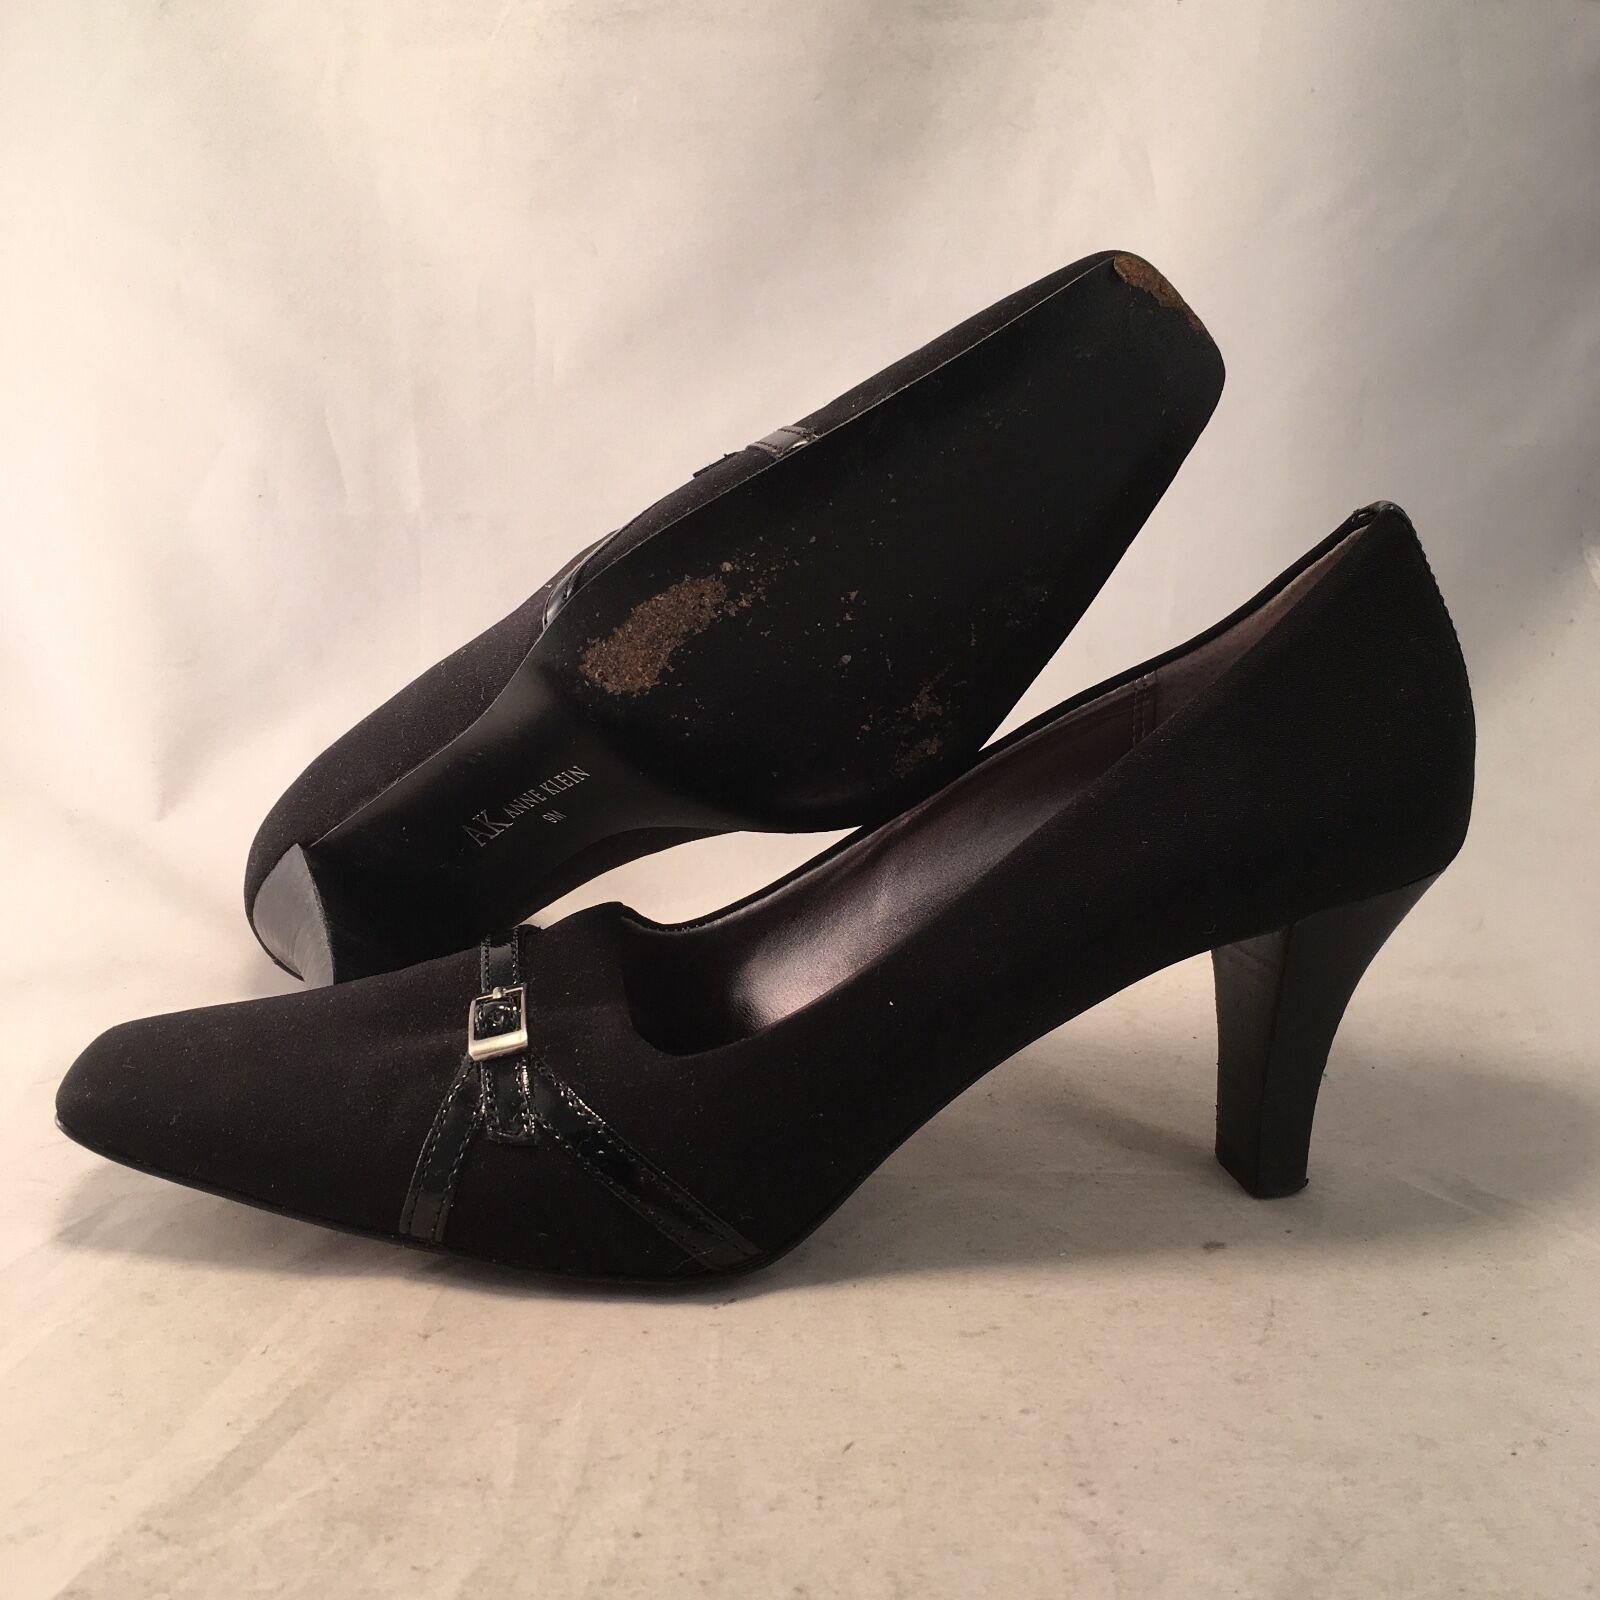 Anne Klein Algier 9m Black Fabric Pump - Women's size 9m Algier - Great 5d9bcd